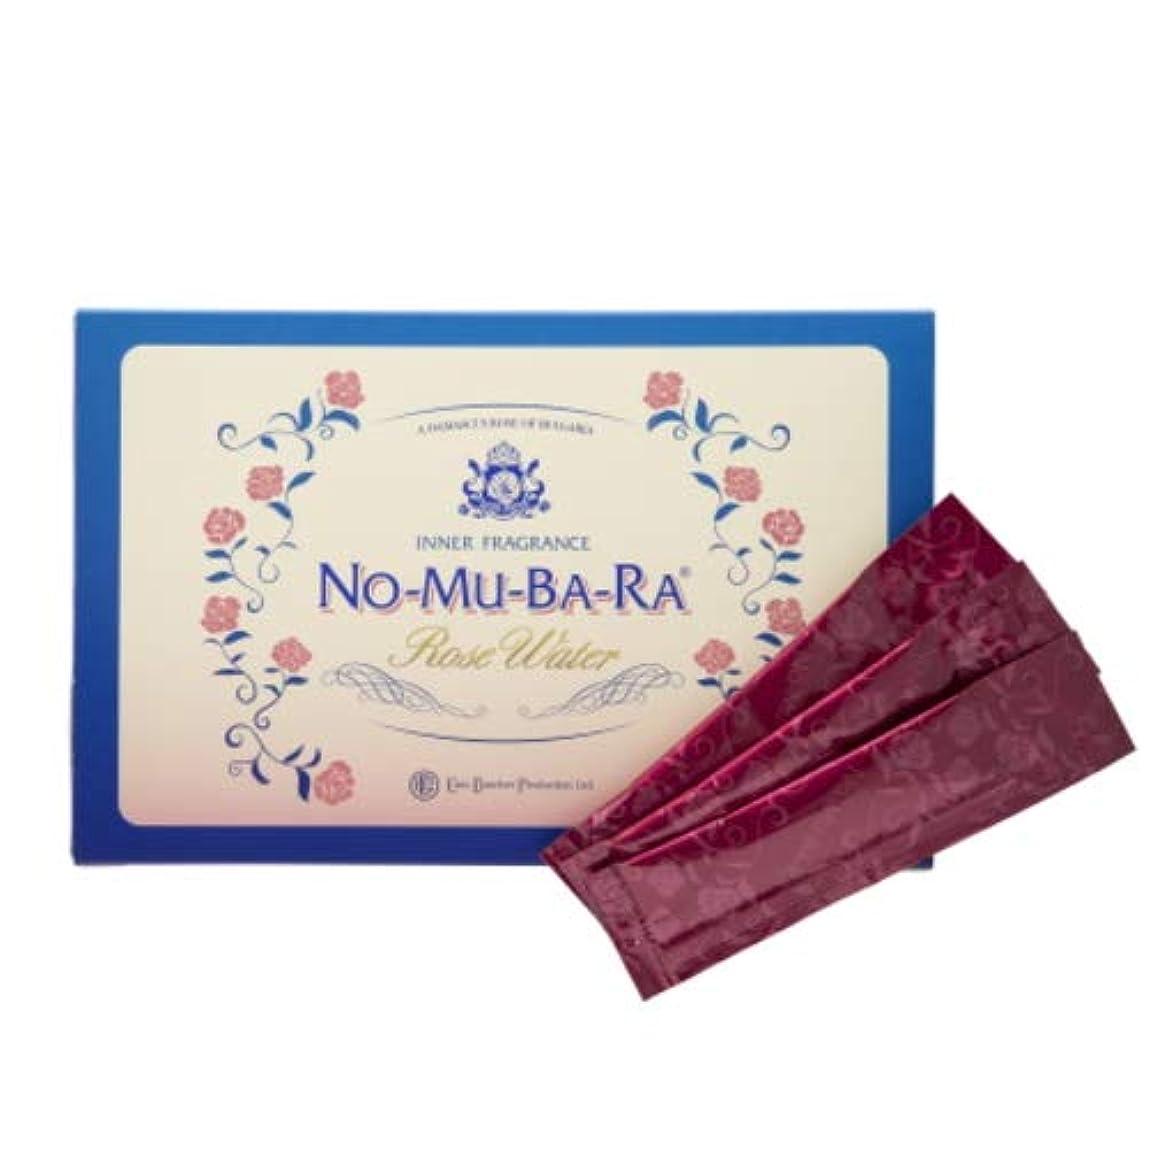 グリースめんどりくしゃみNO-MU-BA-RA NO-MU-BA-RA(ノムバラ)(35包入)【モンドセレクション受賞】